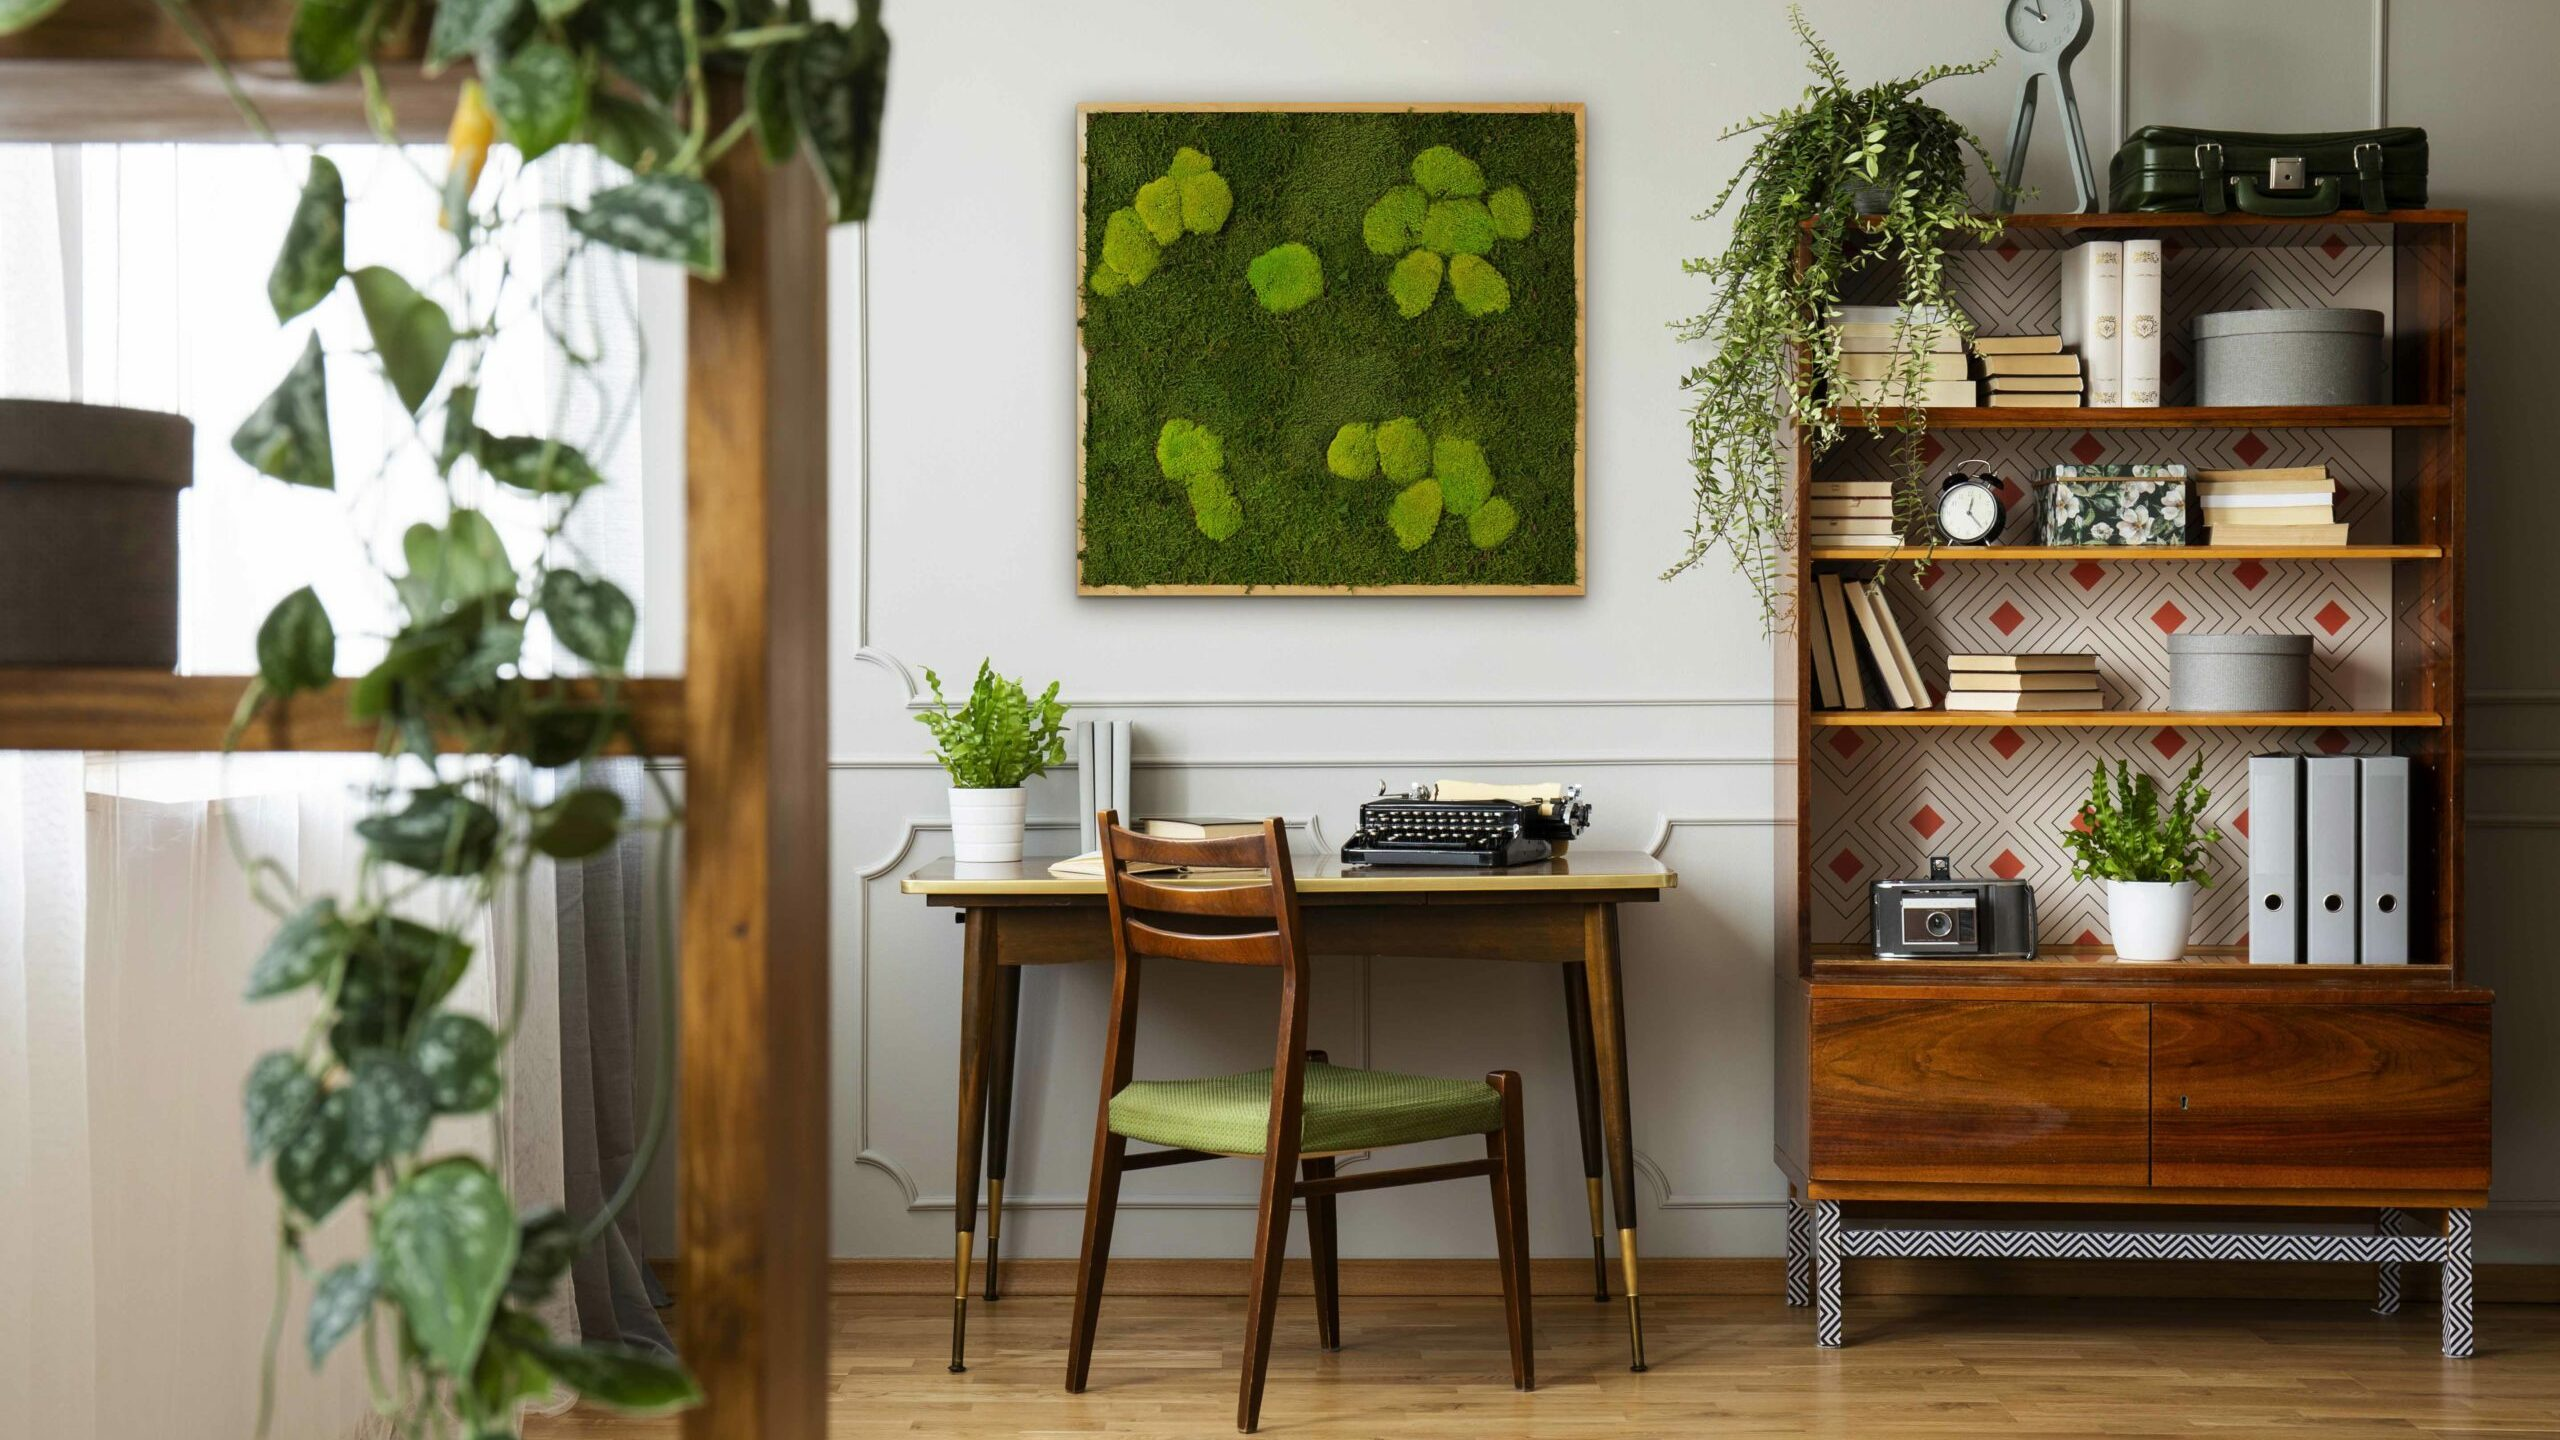 Ein Moosbild hängt in einem Hipster Home Office mit einer schwarzen Retro-Schreibmaschine auf einem einzigartigen Holzschreibtisch, ein moderner Stuhl aus der Mitte des Jahrhunderts und ein renoviertes Bücherregal